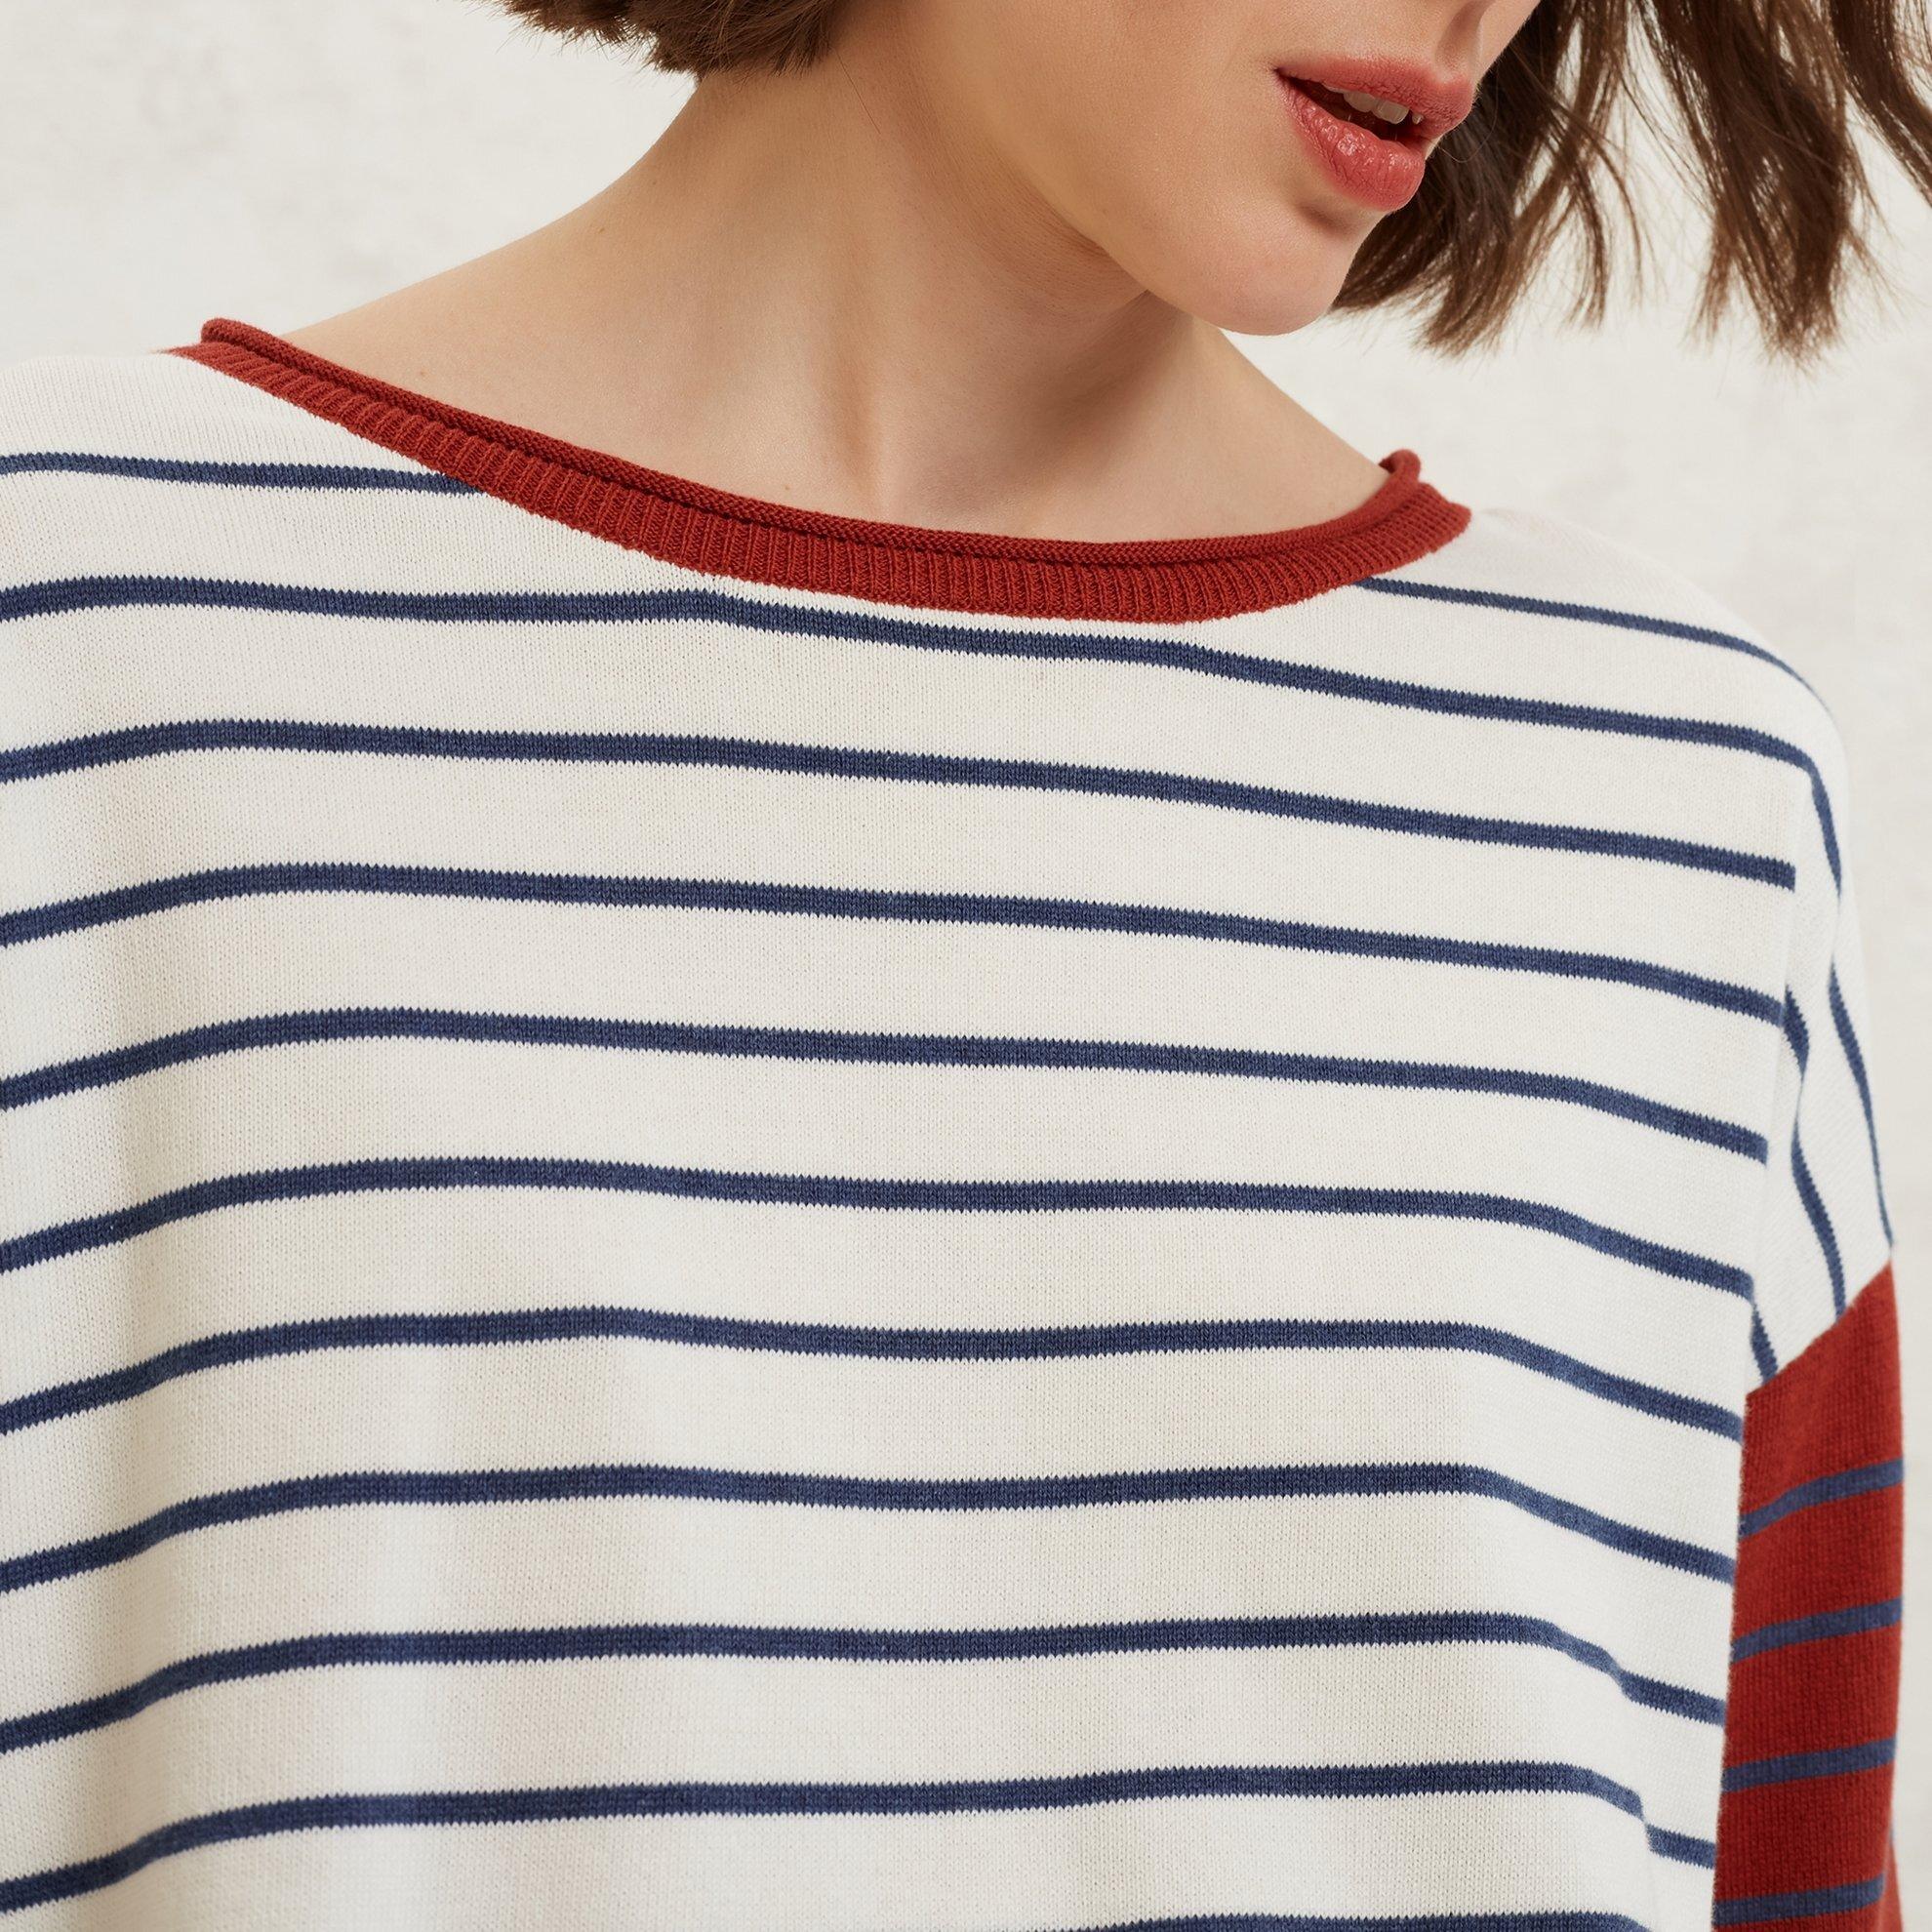 Striped Knitwear